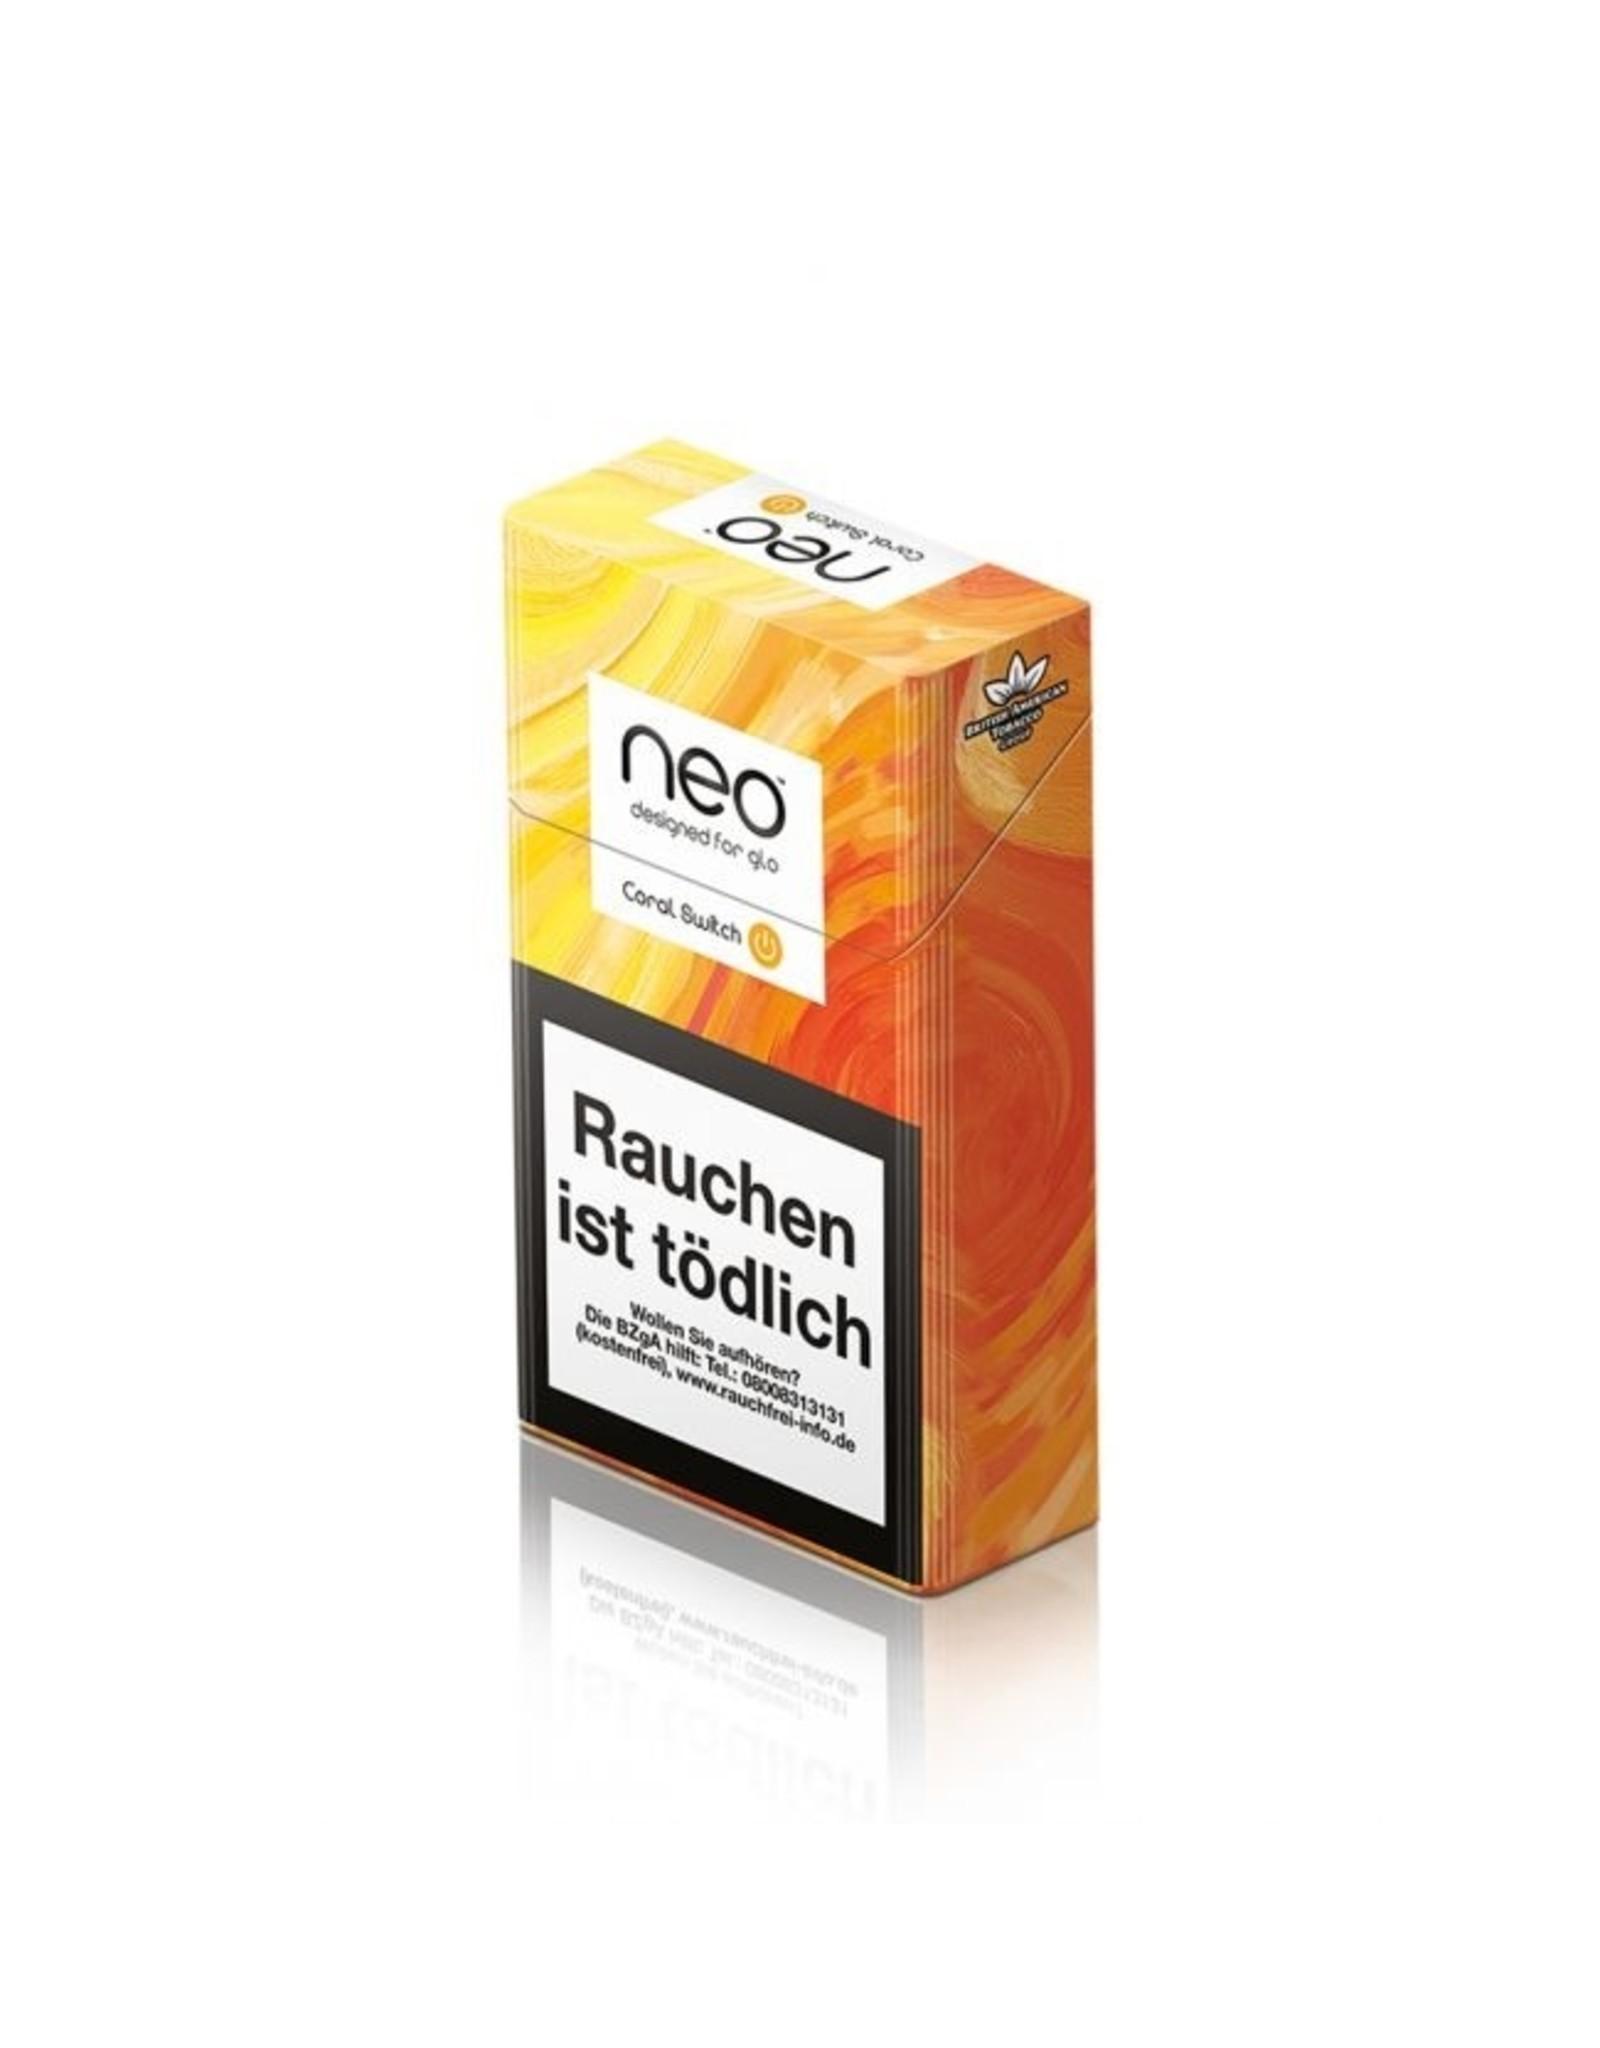 GLO NNEO Coral Switch - Tabak Sticks Einzelpackung